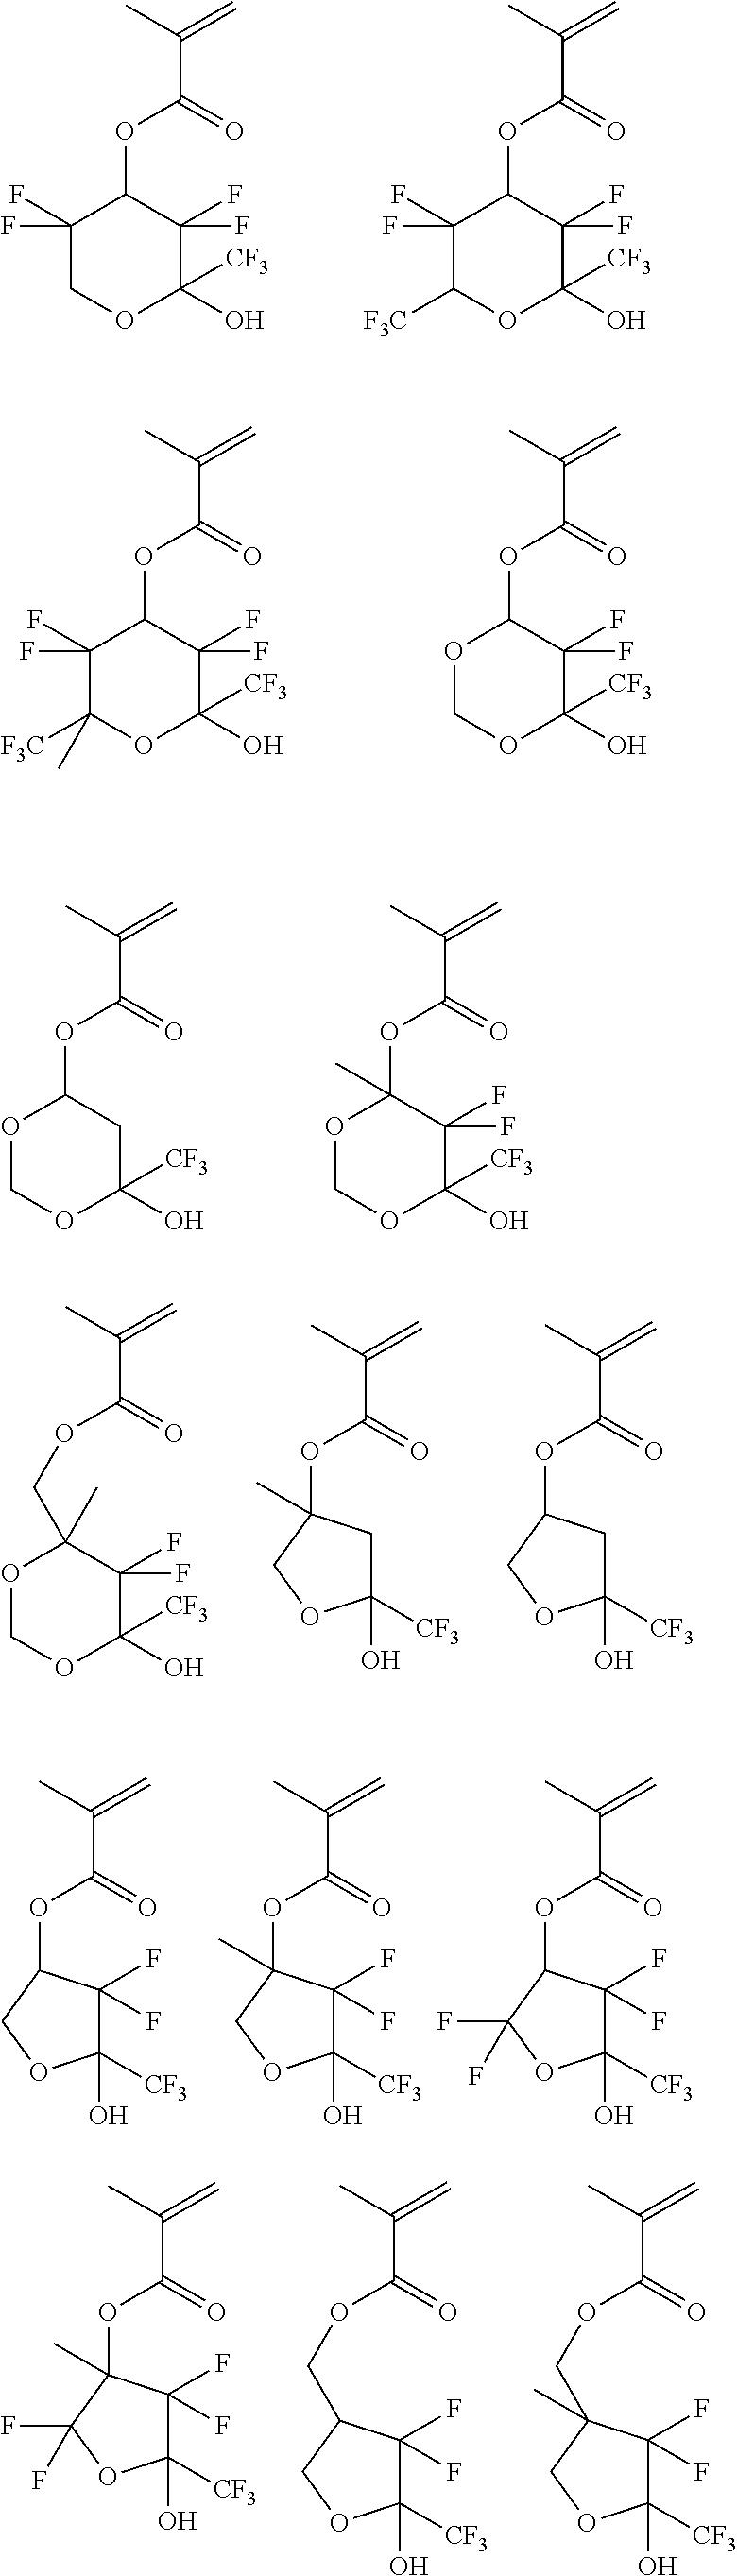 Figure US08652756-20140218-C00051